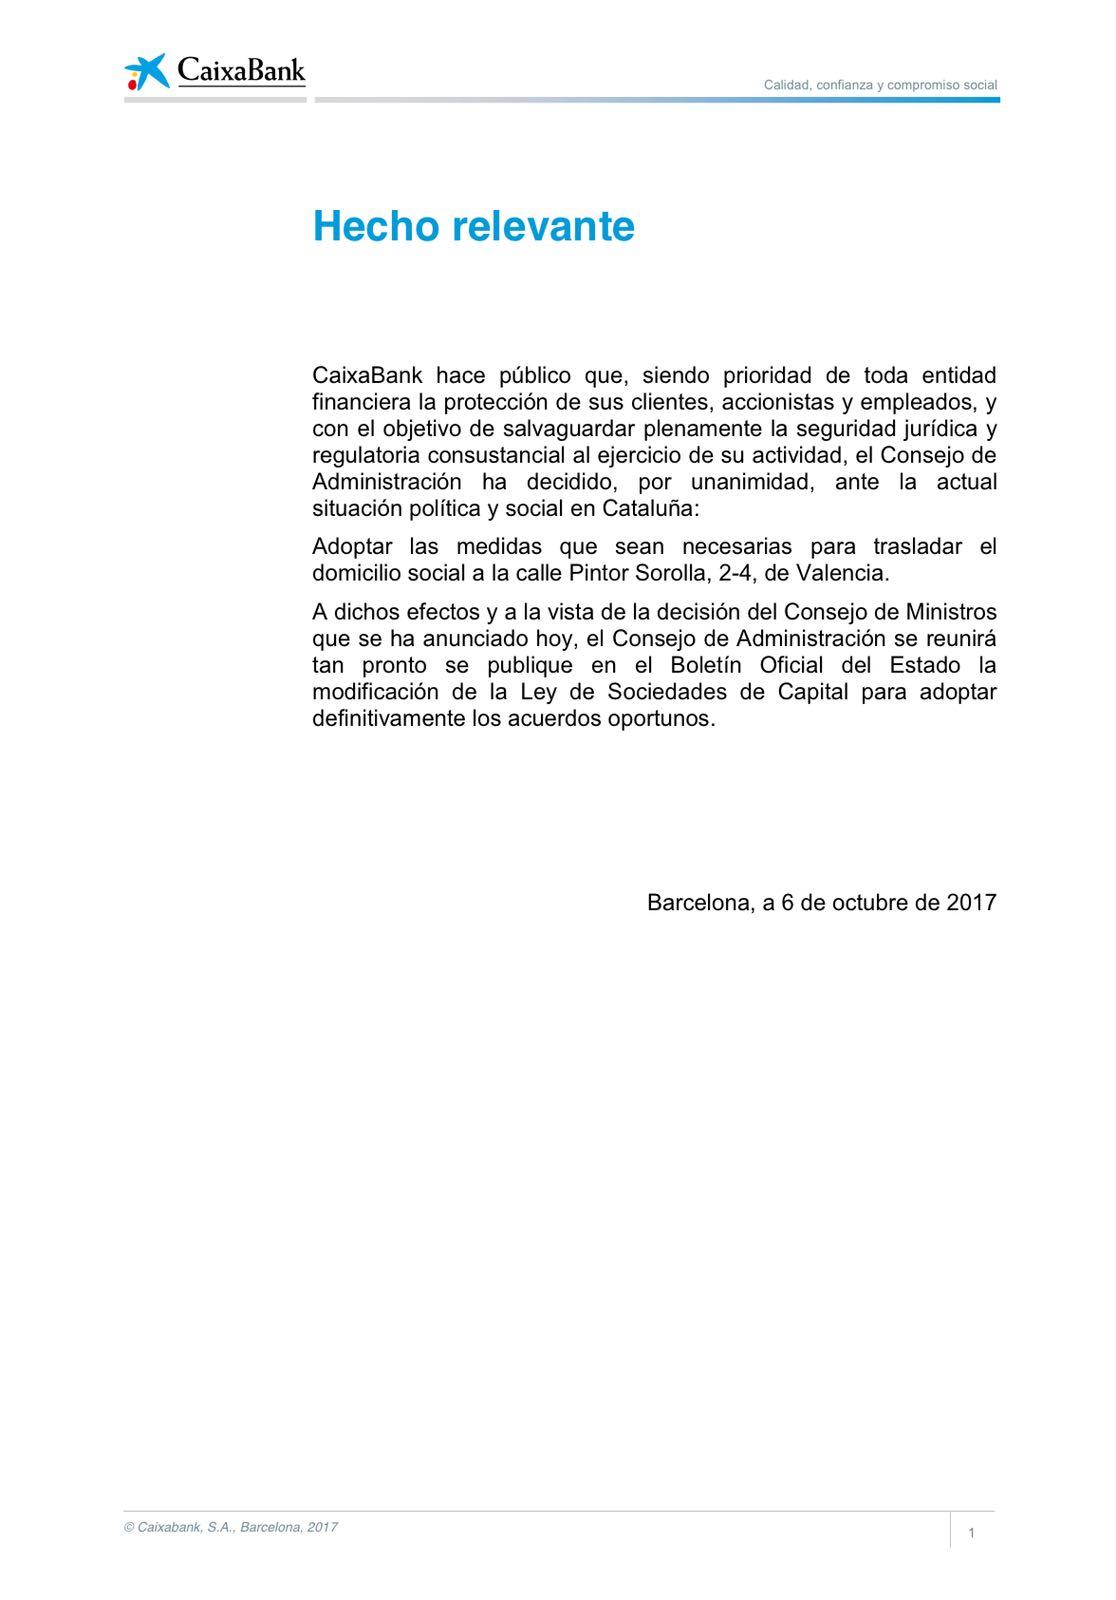 Comunicado de Caixabank en el que anuncia el cambio de su sede a Valencia.